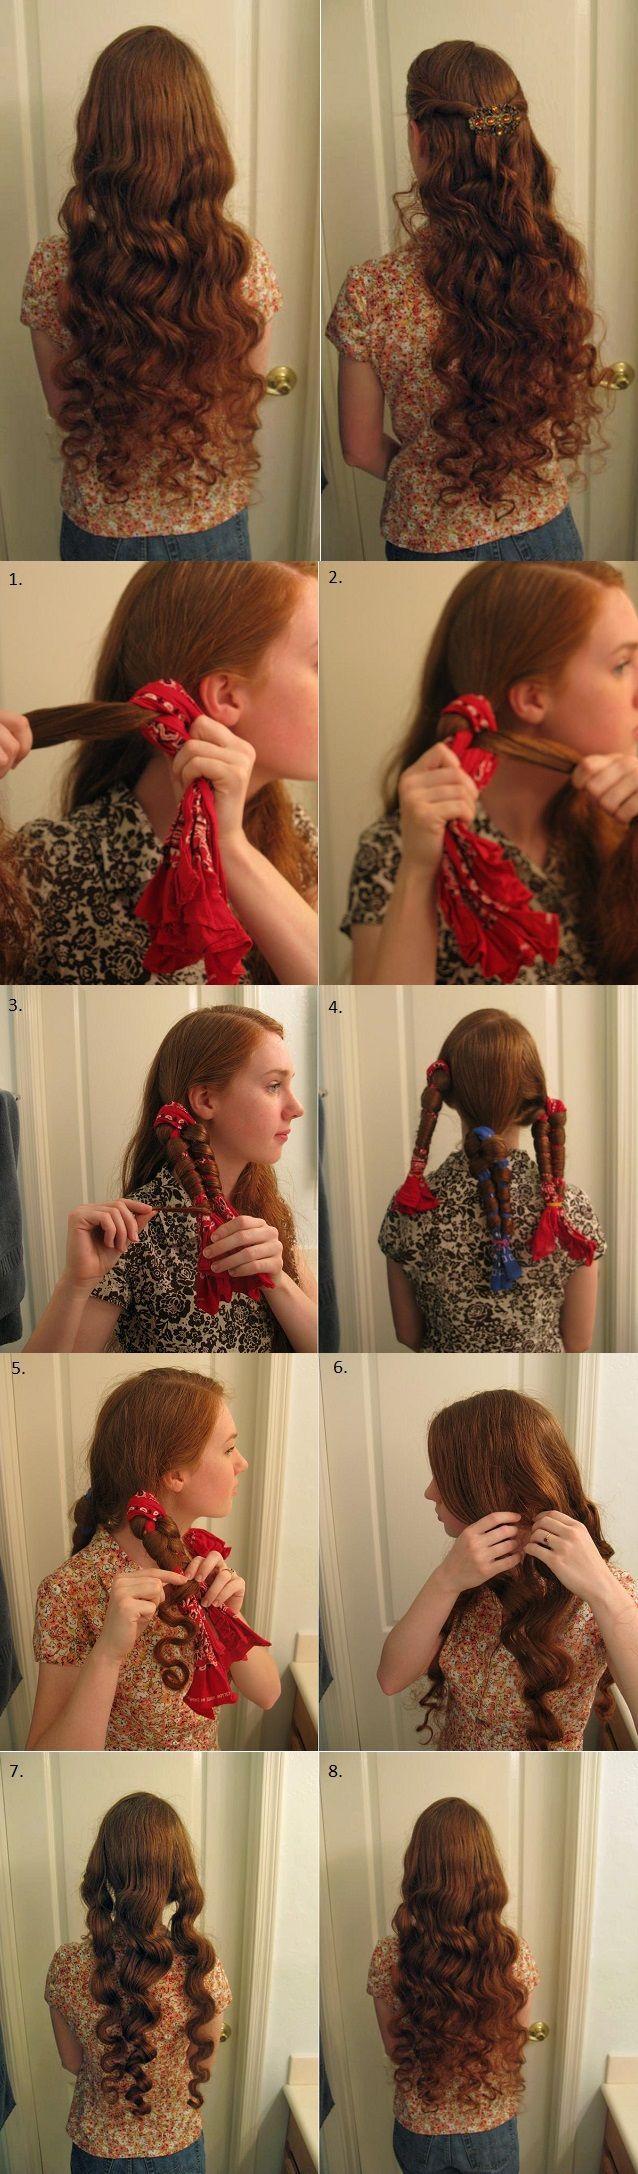 Простая причёска с накрученными волосами